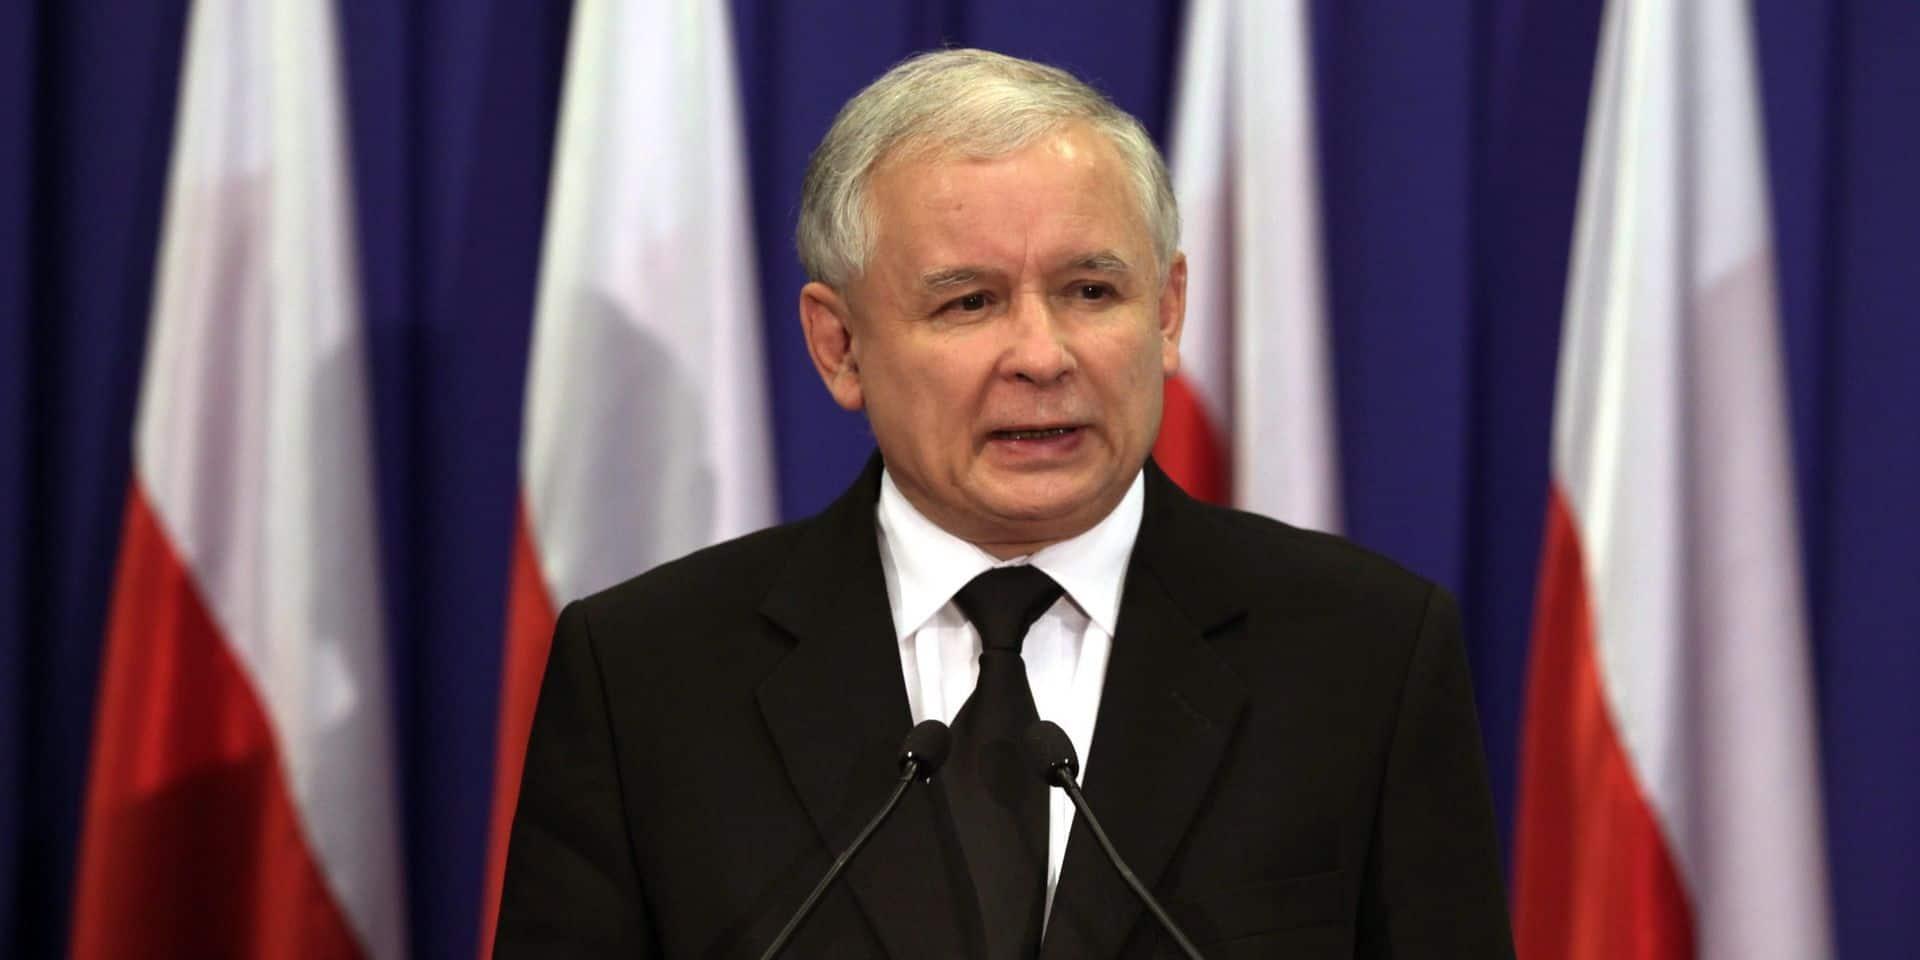 Coup de bluff ou réelle menace ? La Pologne annonce son véto si le budget européen est lié au respect de l'Etat de droit